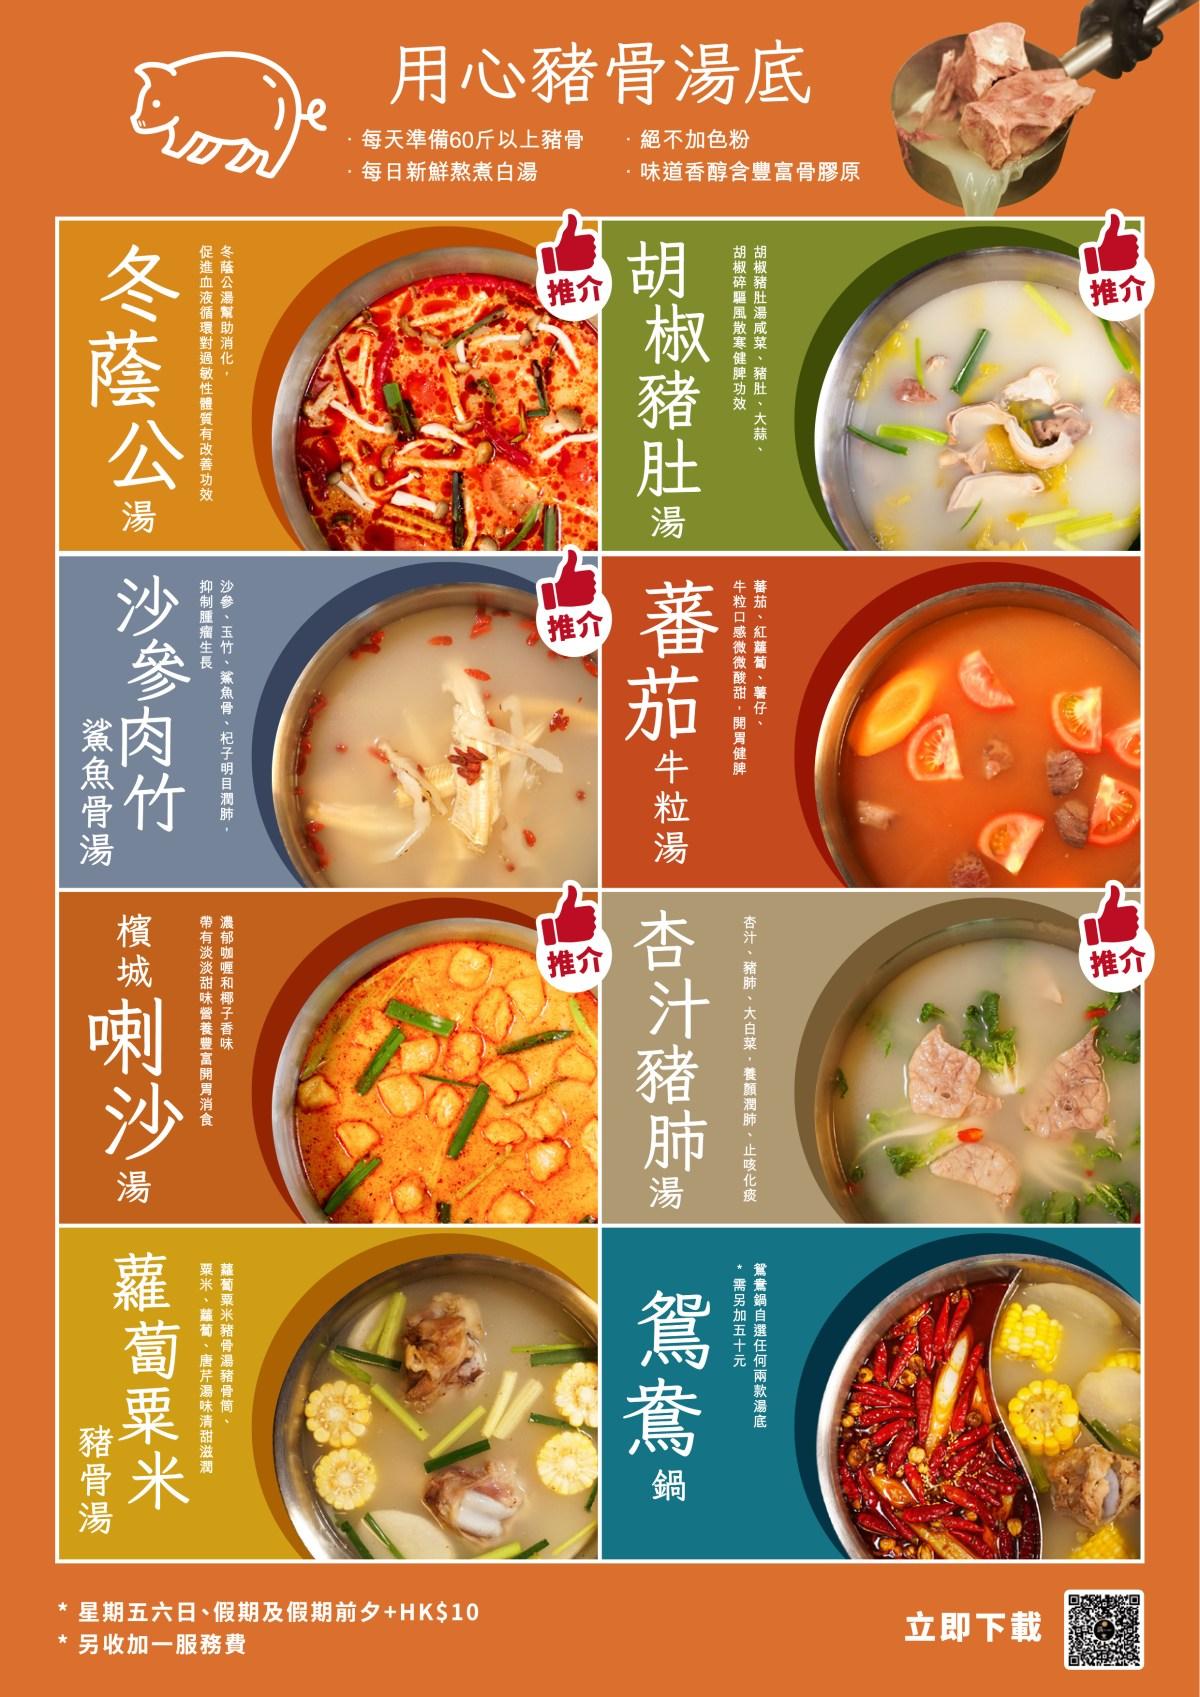 必試一鍋潮汕鍋及一鍋麻辣鍋兩款,鮮味辣味愛好者一定鐘意。